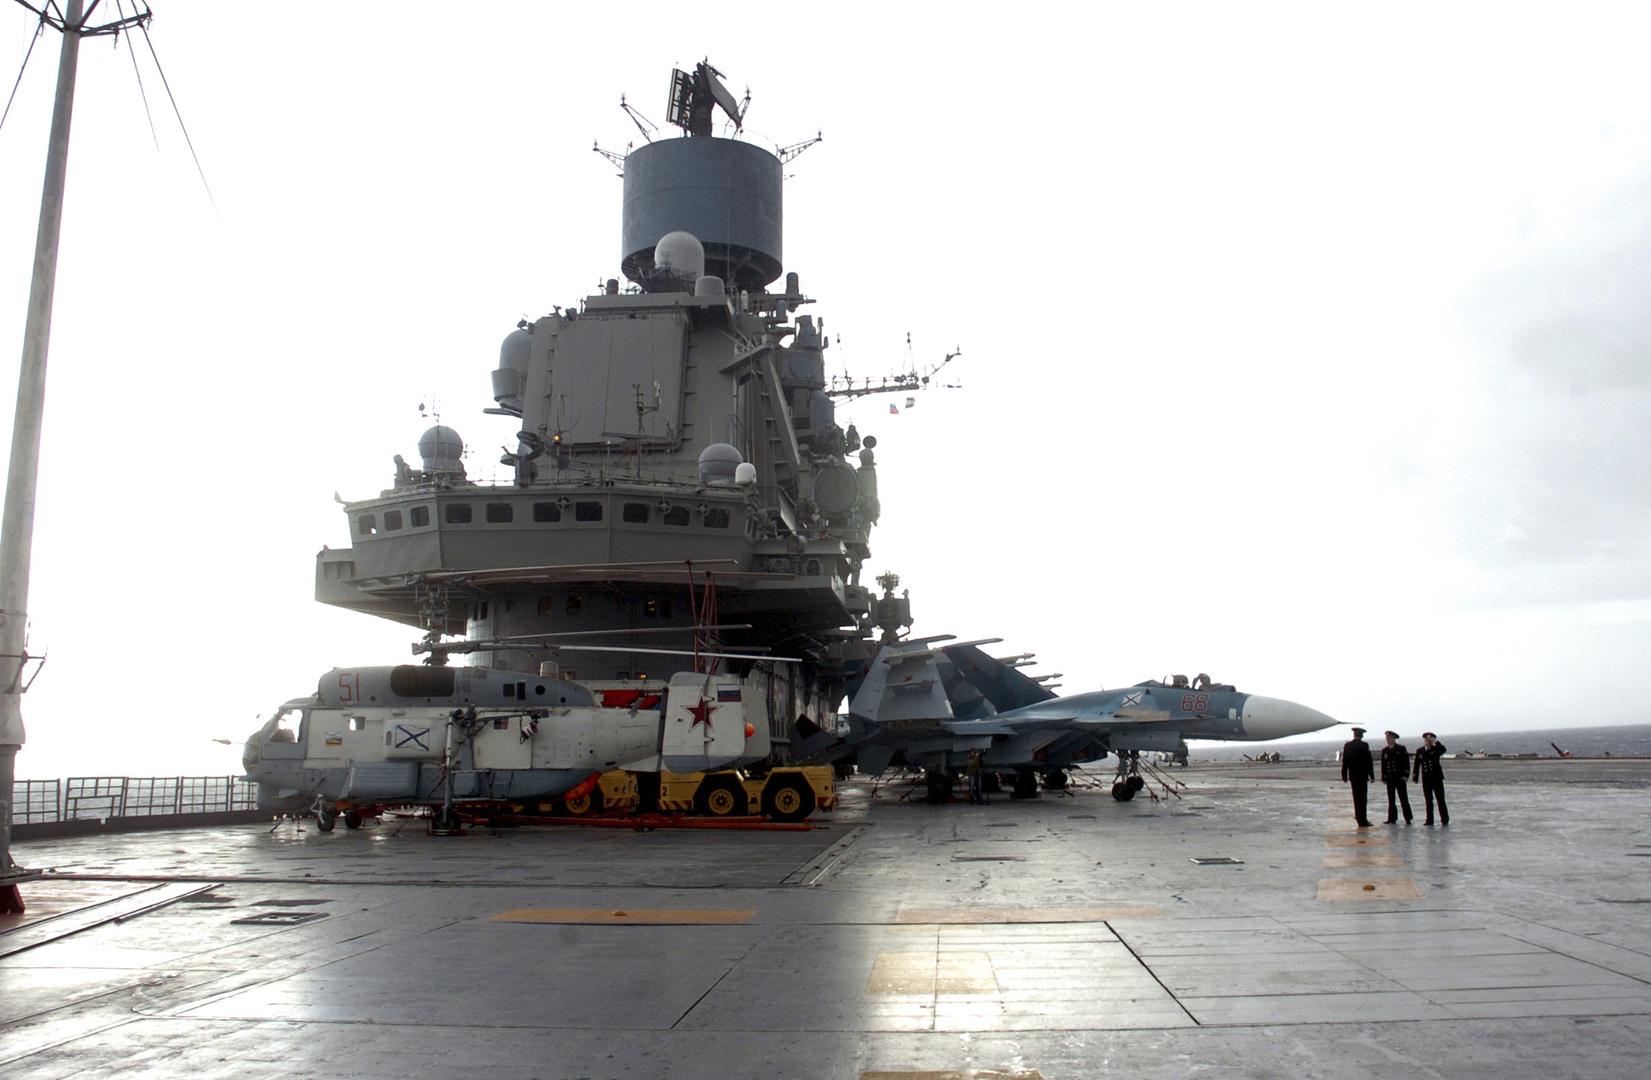 تكلفة تصنيع أول حاملة طائرات روسية نووية ستبلغ 6 مليارات دولار